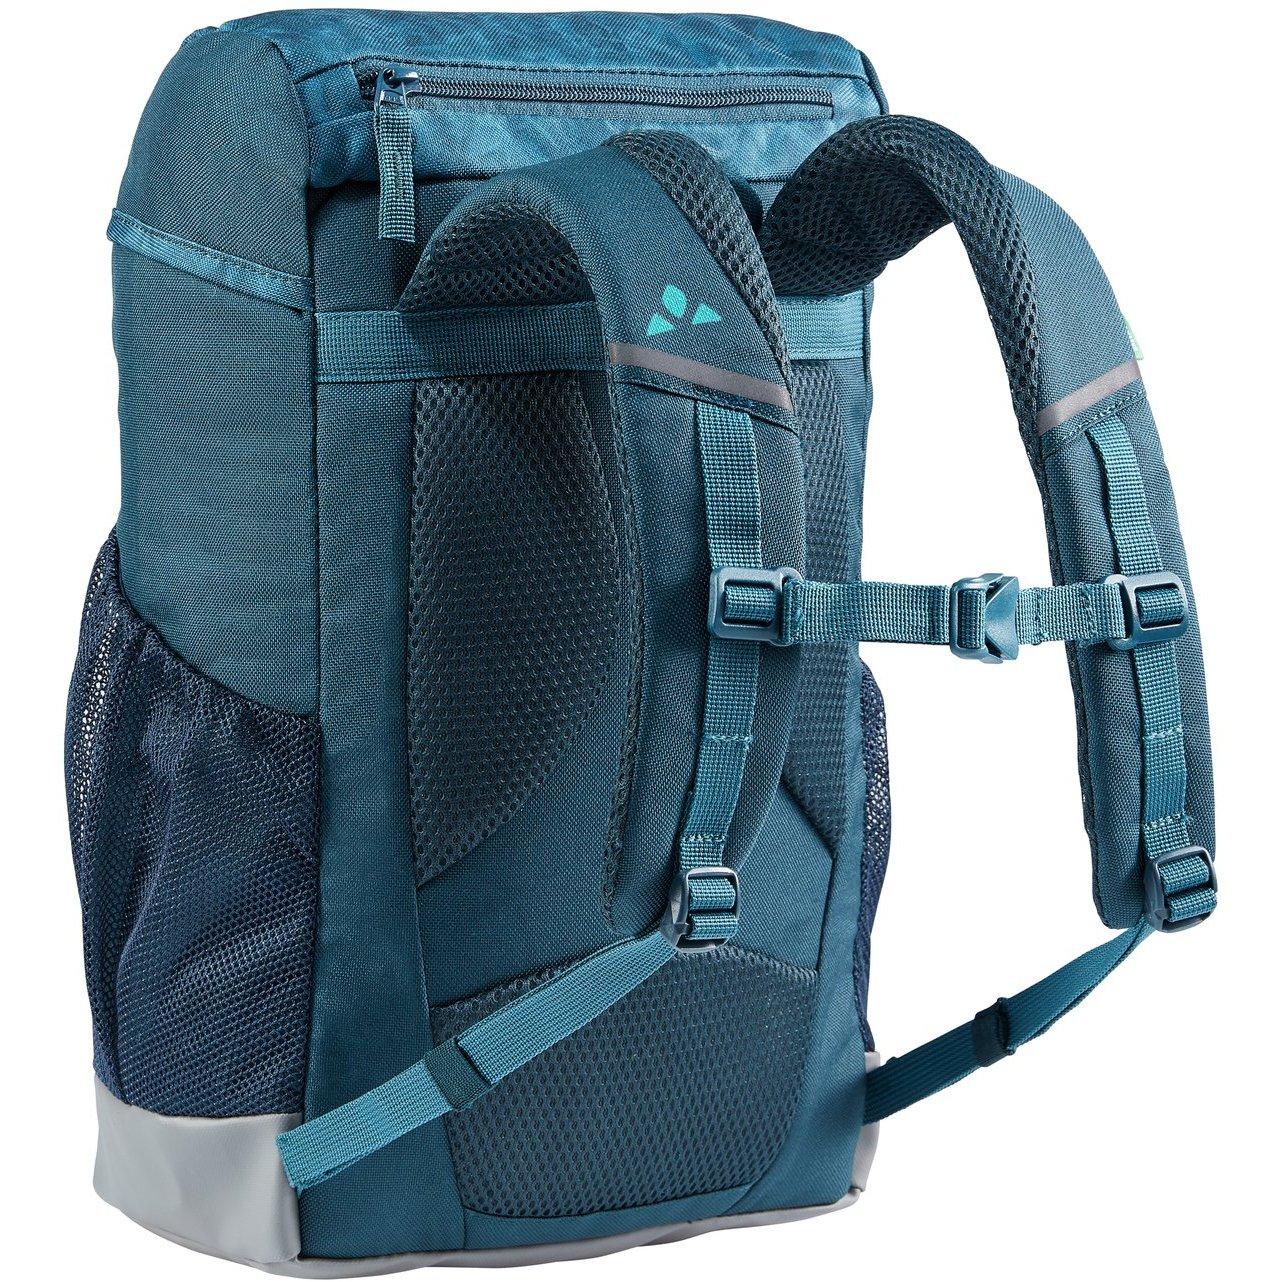 Image of Vaude Puck 10 Kids Backpack - dark petrol